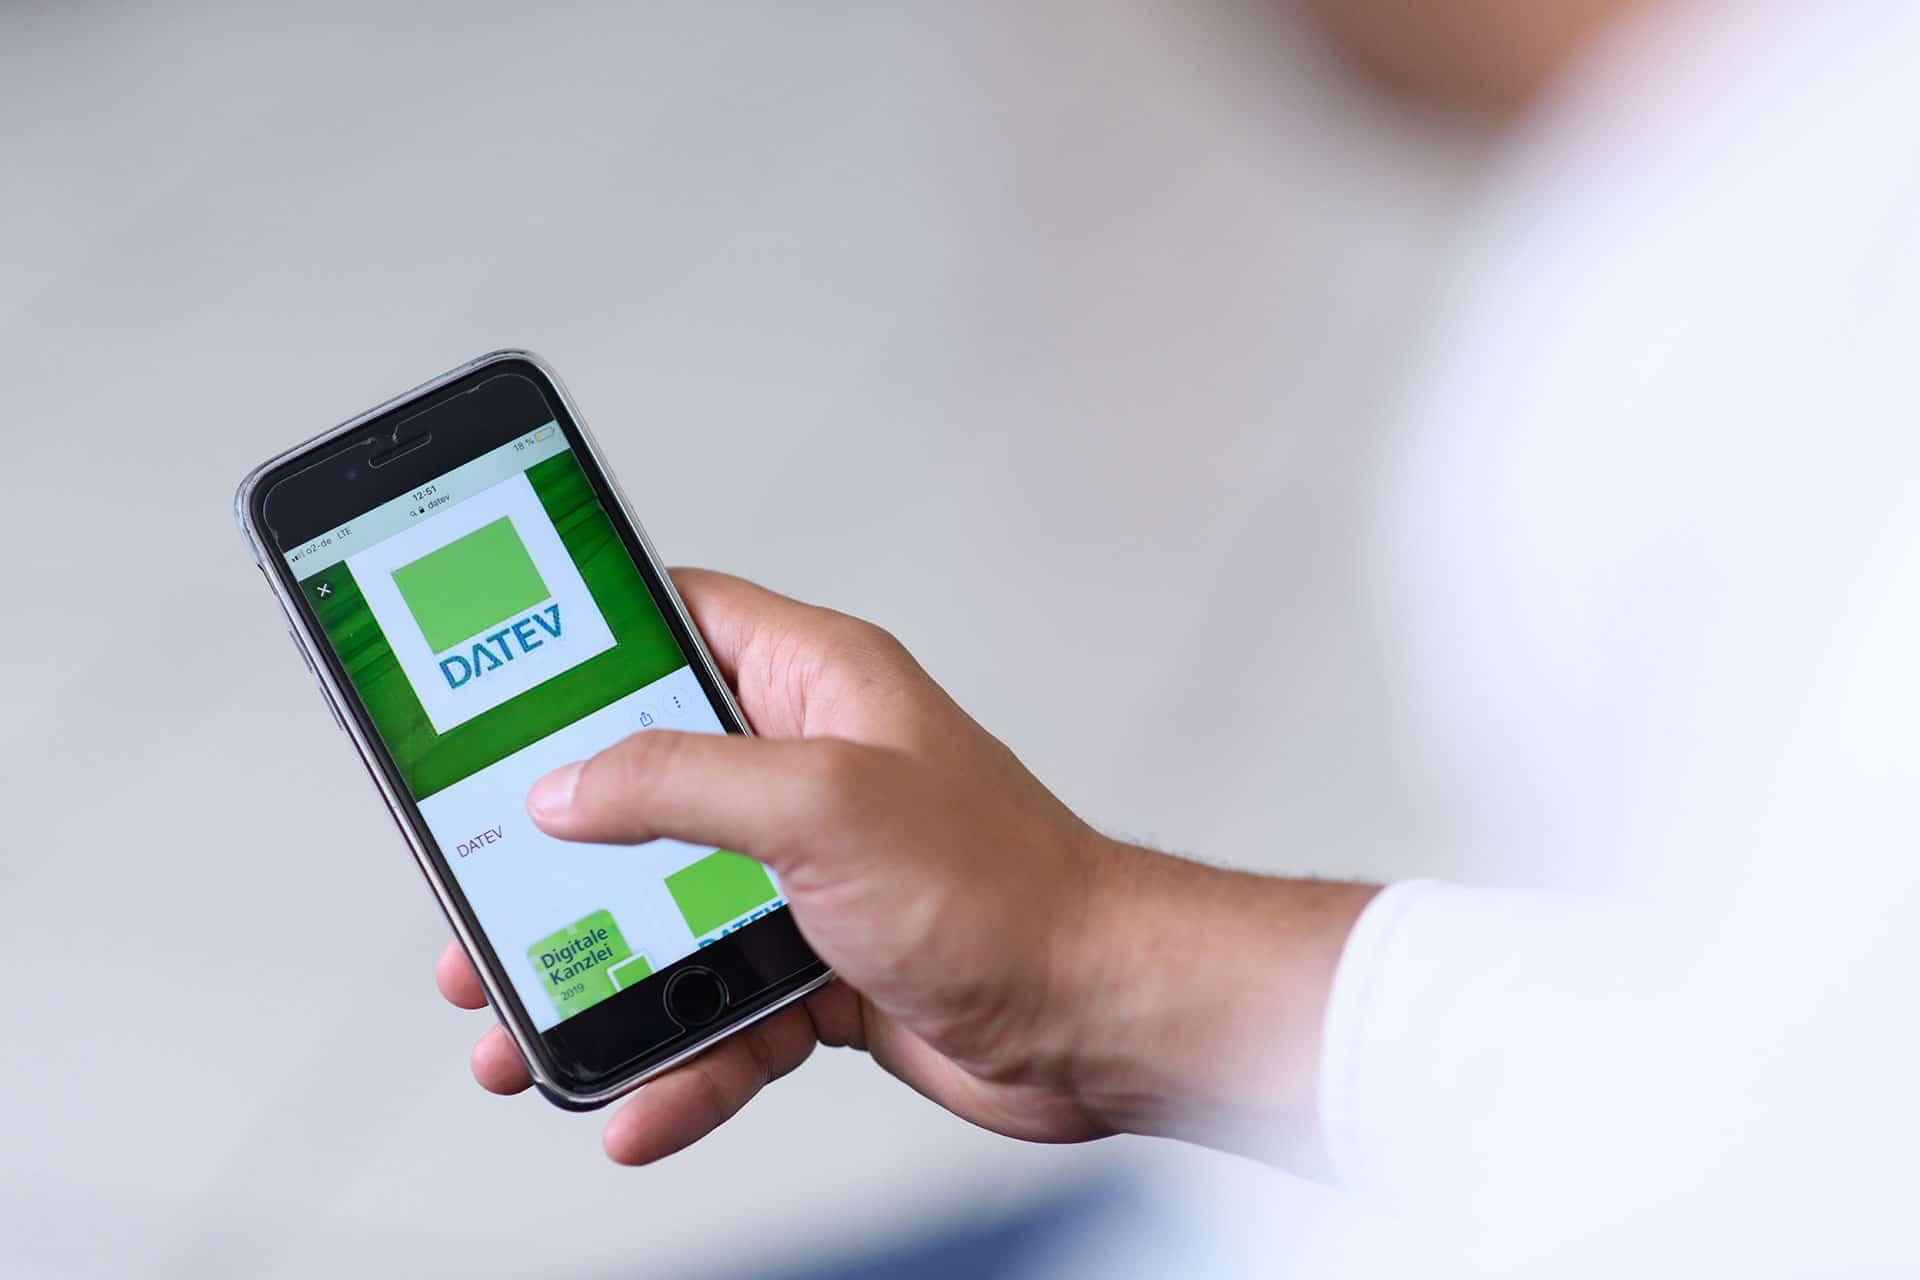 Digitalisierung in der Steuerberatung: Mit Kurka und DATEV Unternehmen Online sowie DATEV Mobile Upload